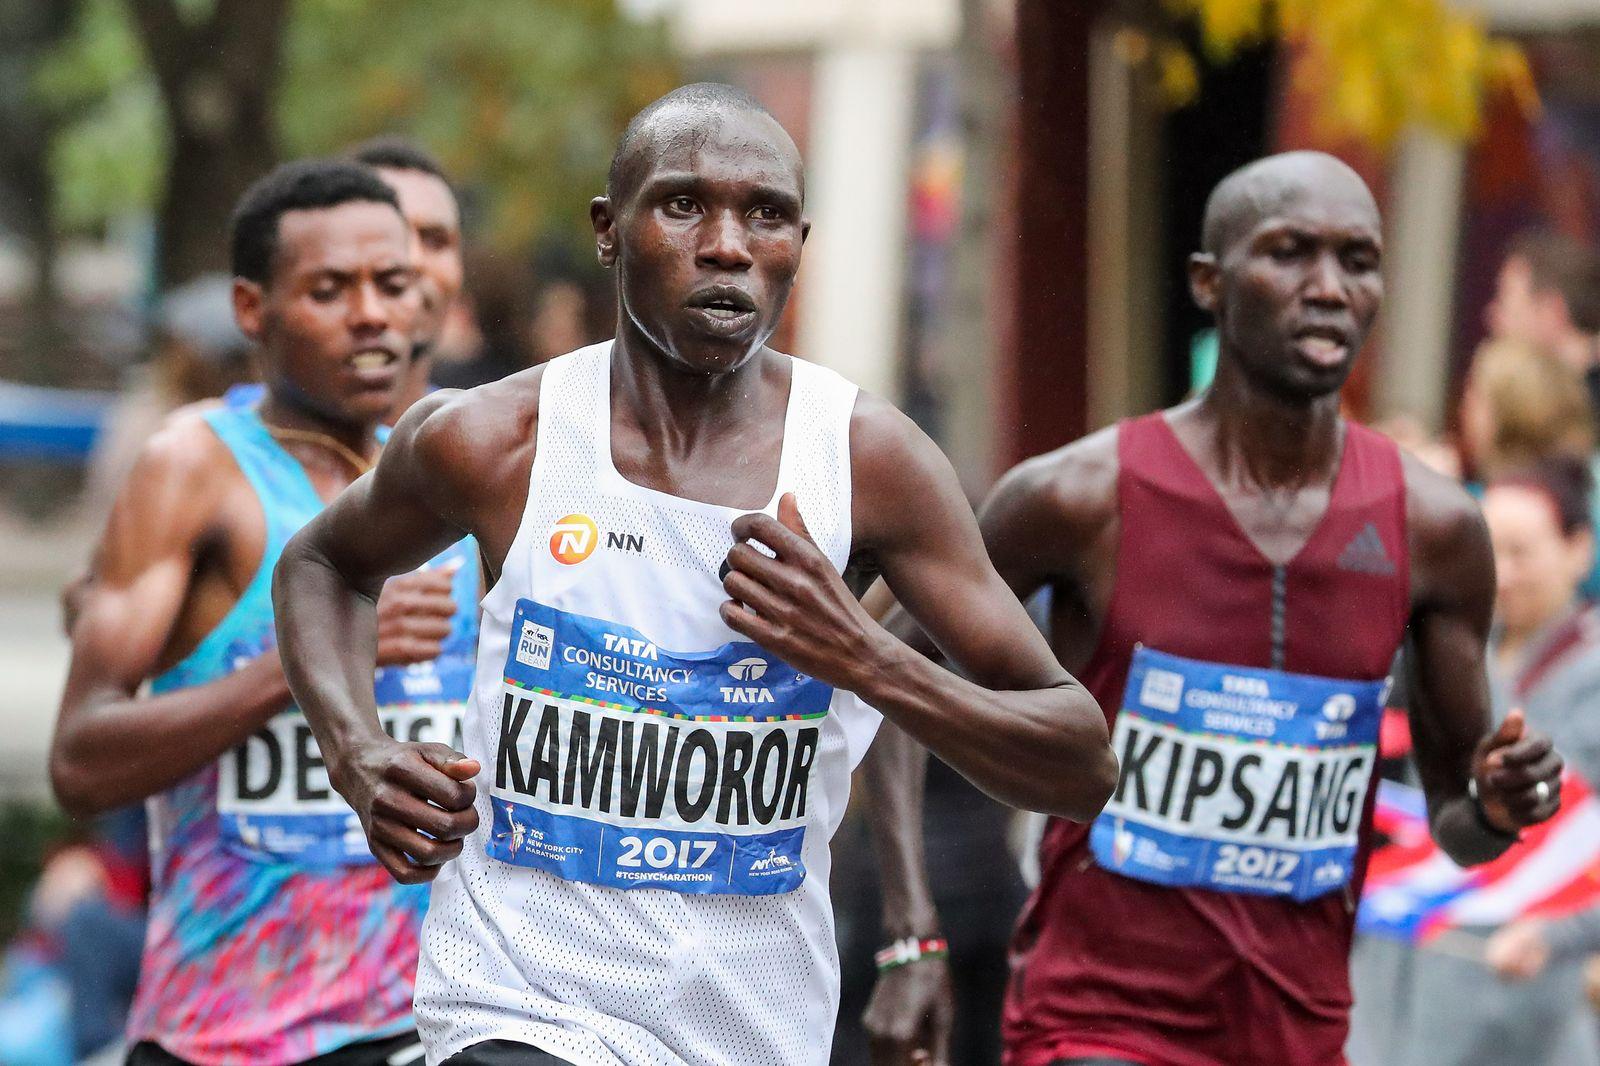 Kamworor_Geoffrey-maraton-w-Nowym-Jorku